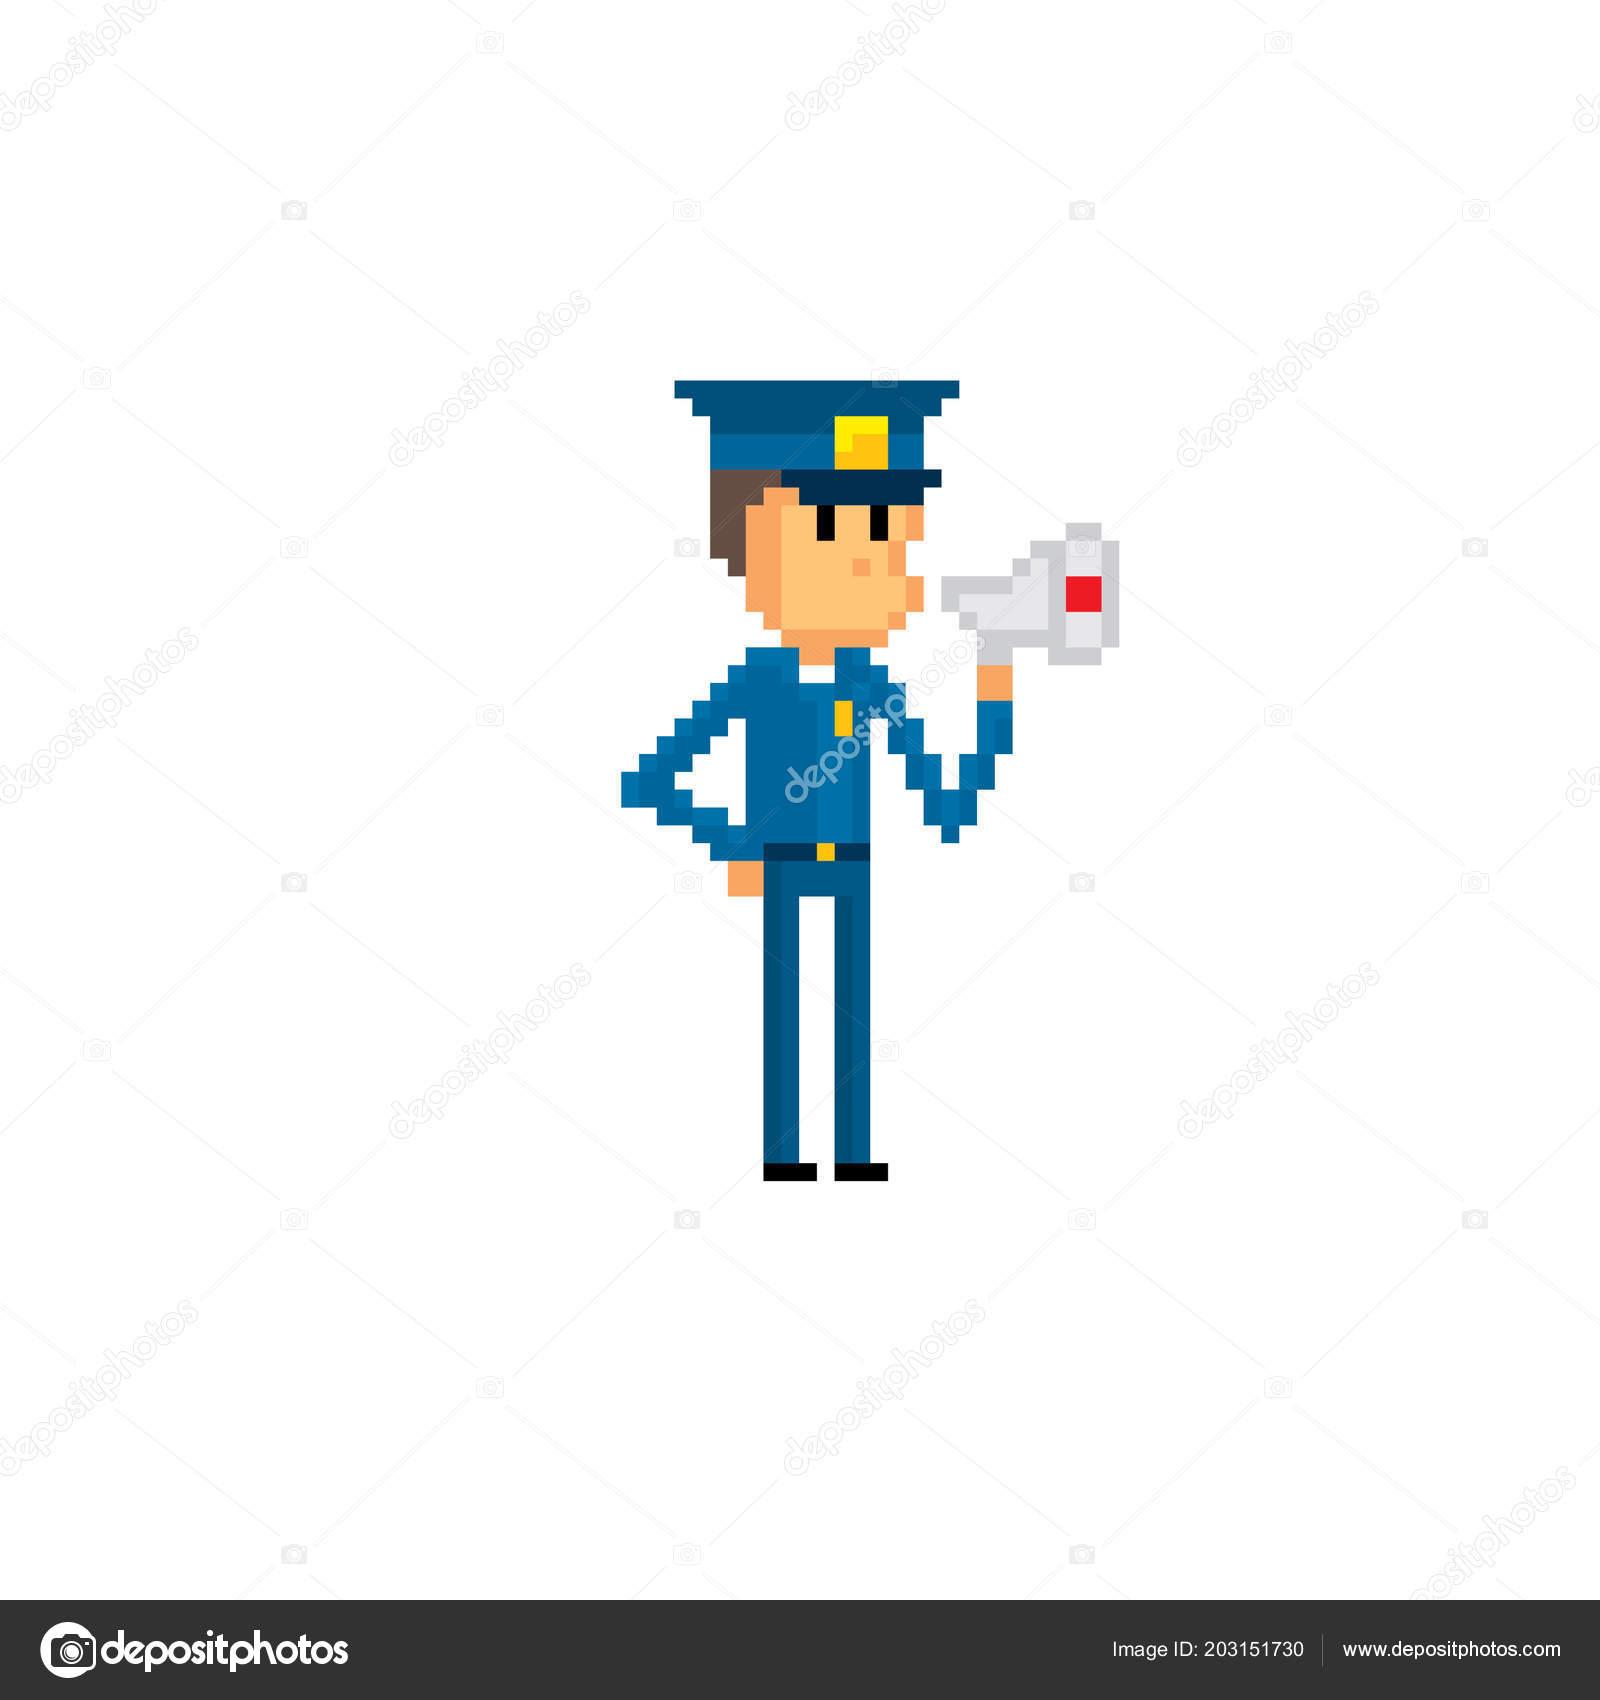 Police Character Pixel Art Old School Computer Graphic 8 Bit